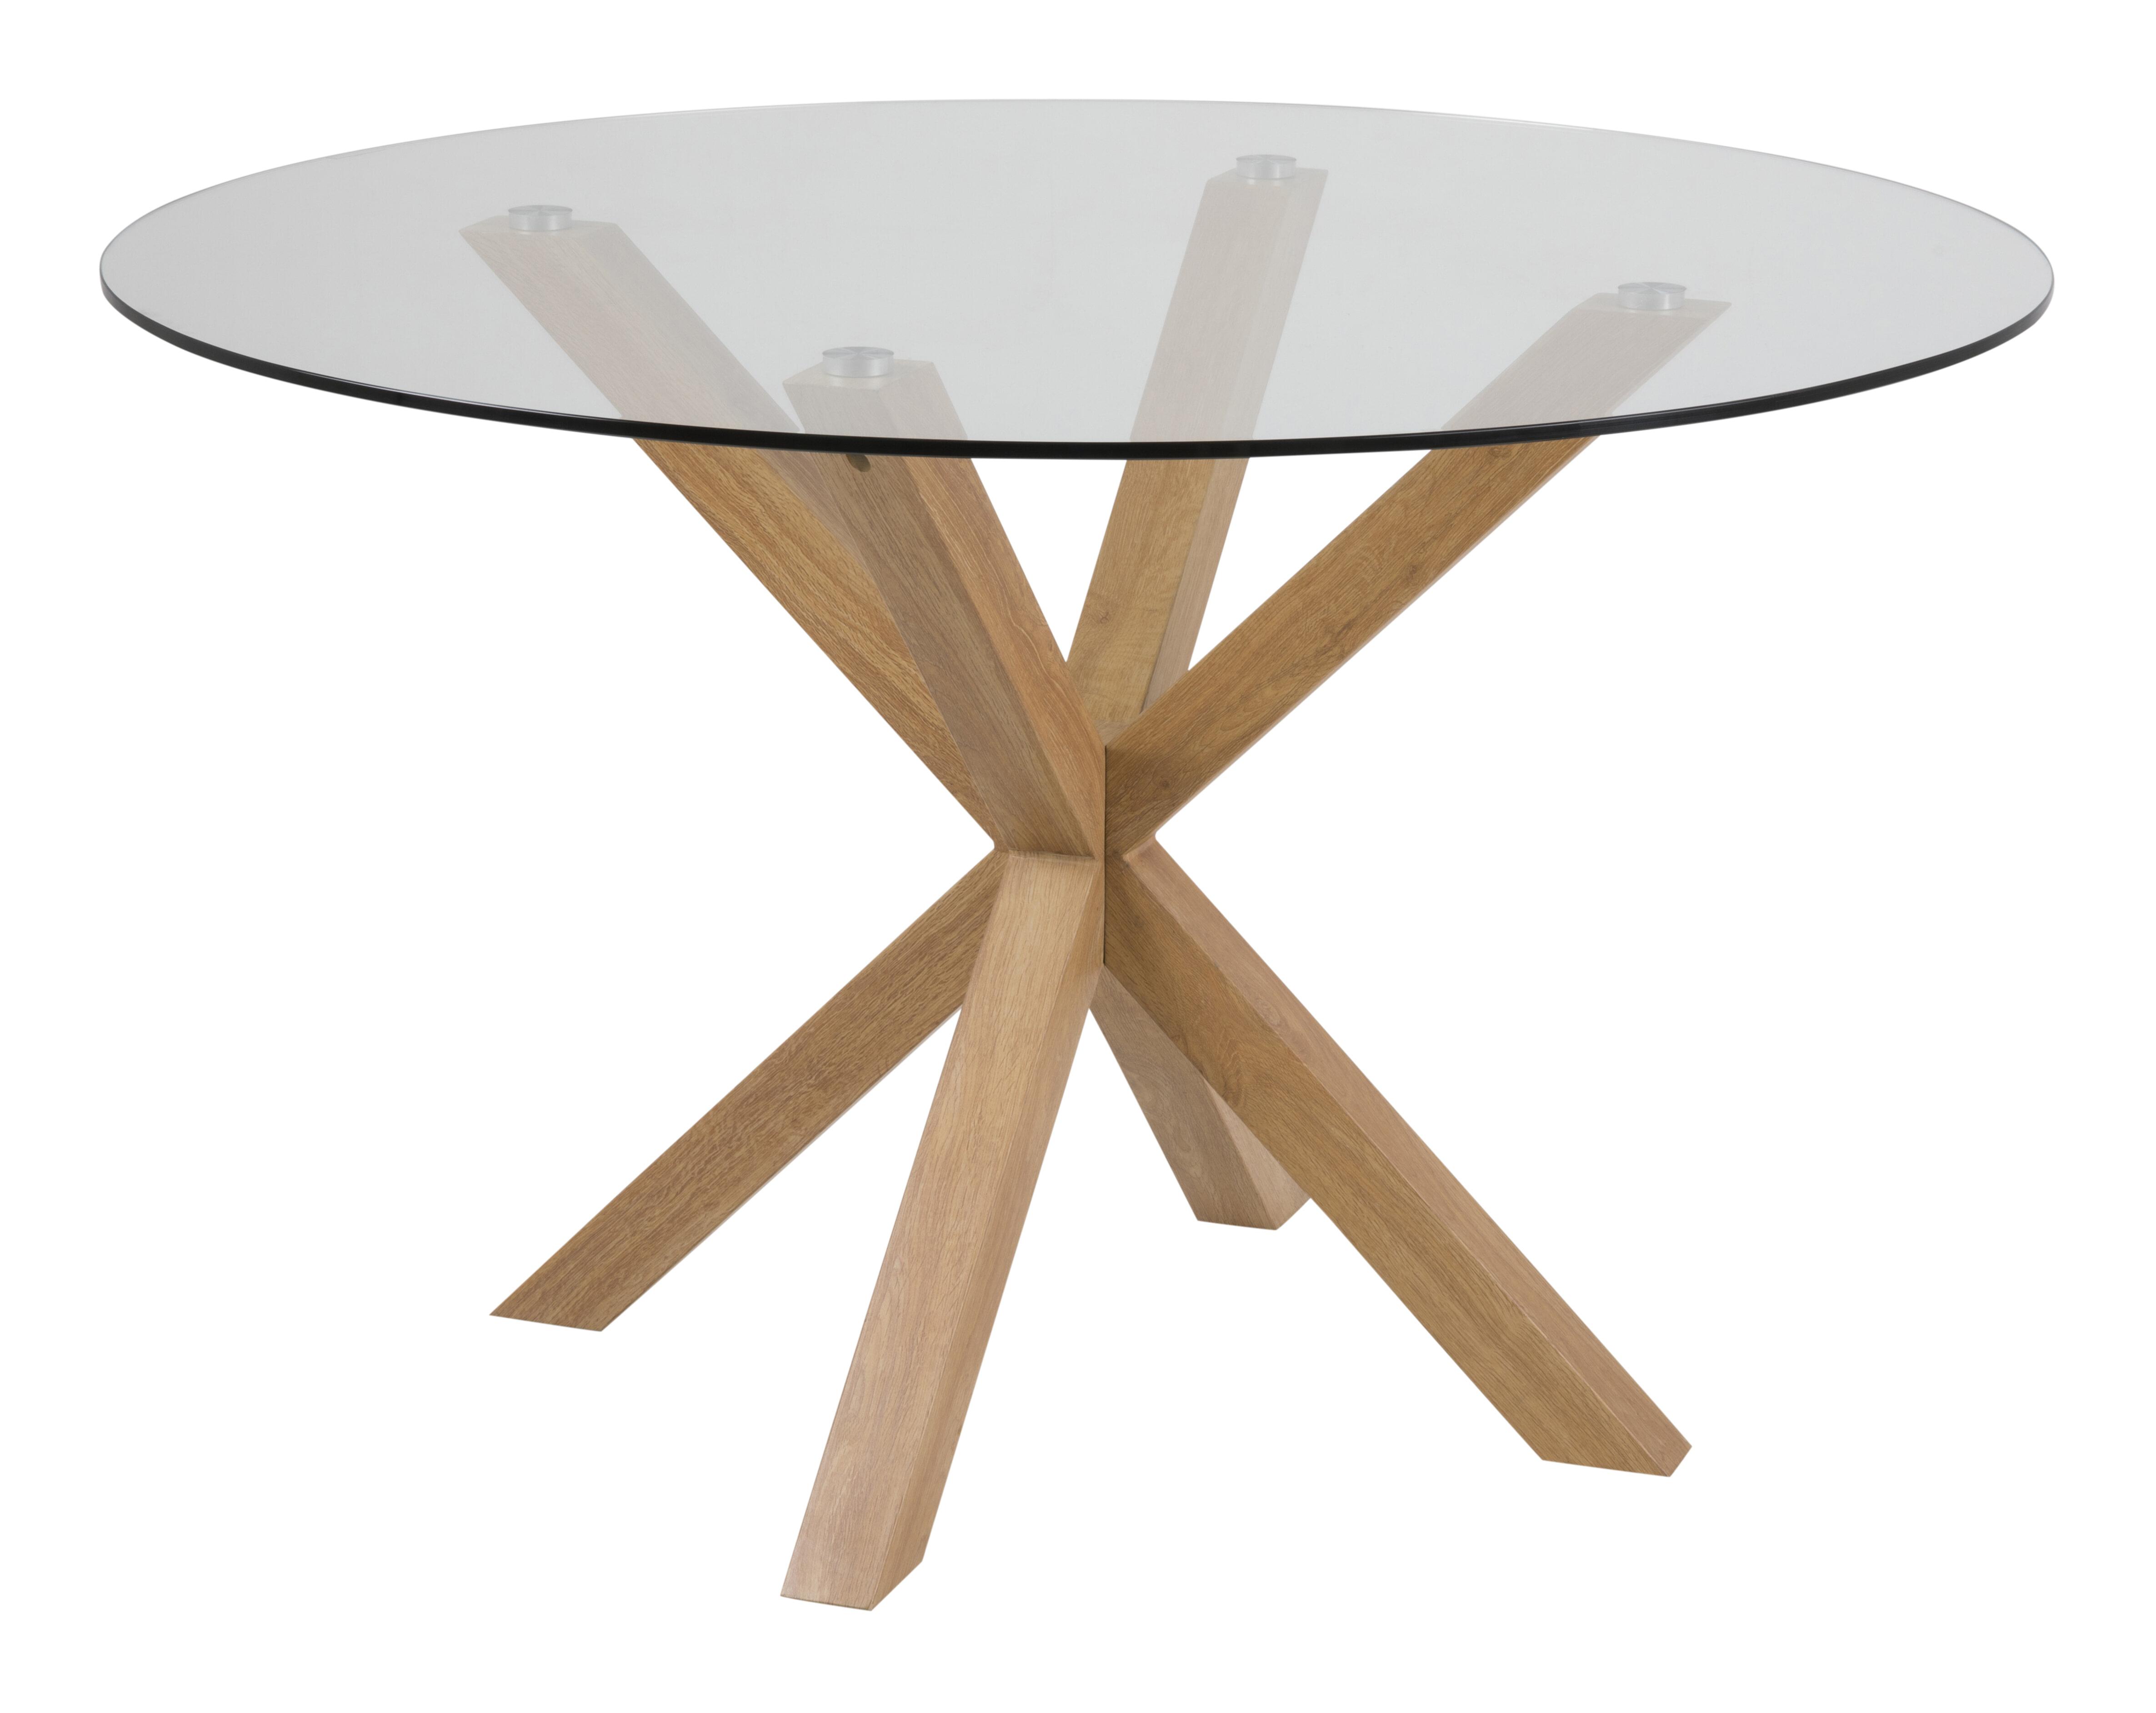 Uw partner in meubels: Bendt Ronde glazen Eettafel 'Line' 119cm Tafels | Eettafels